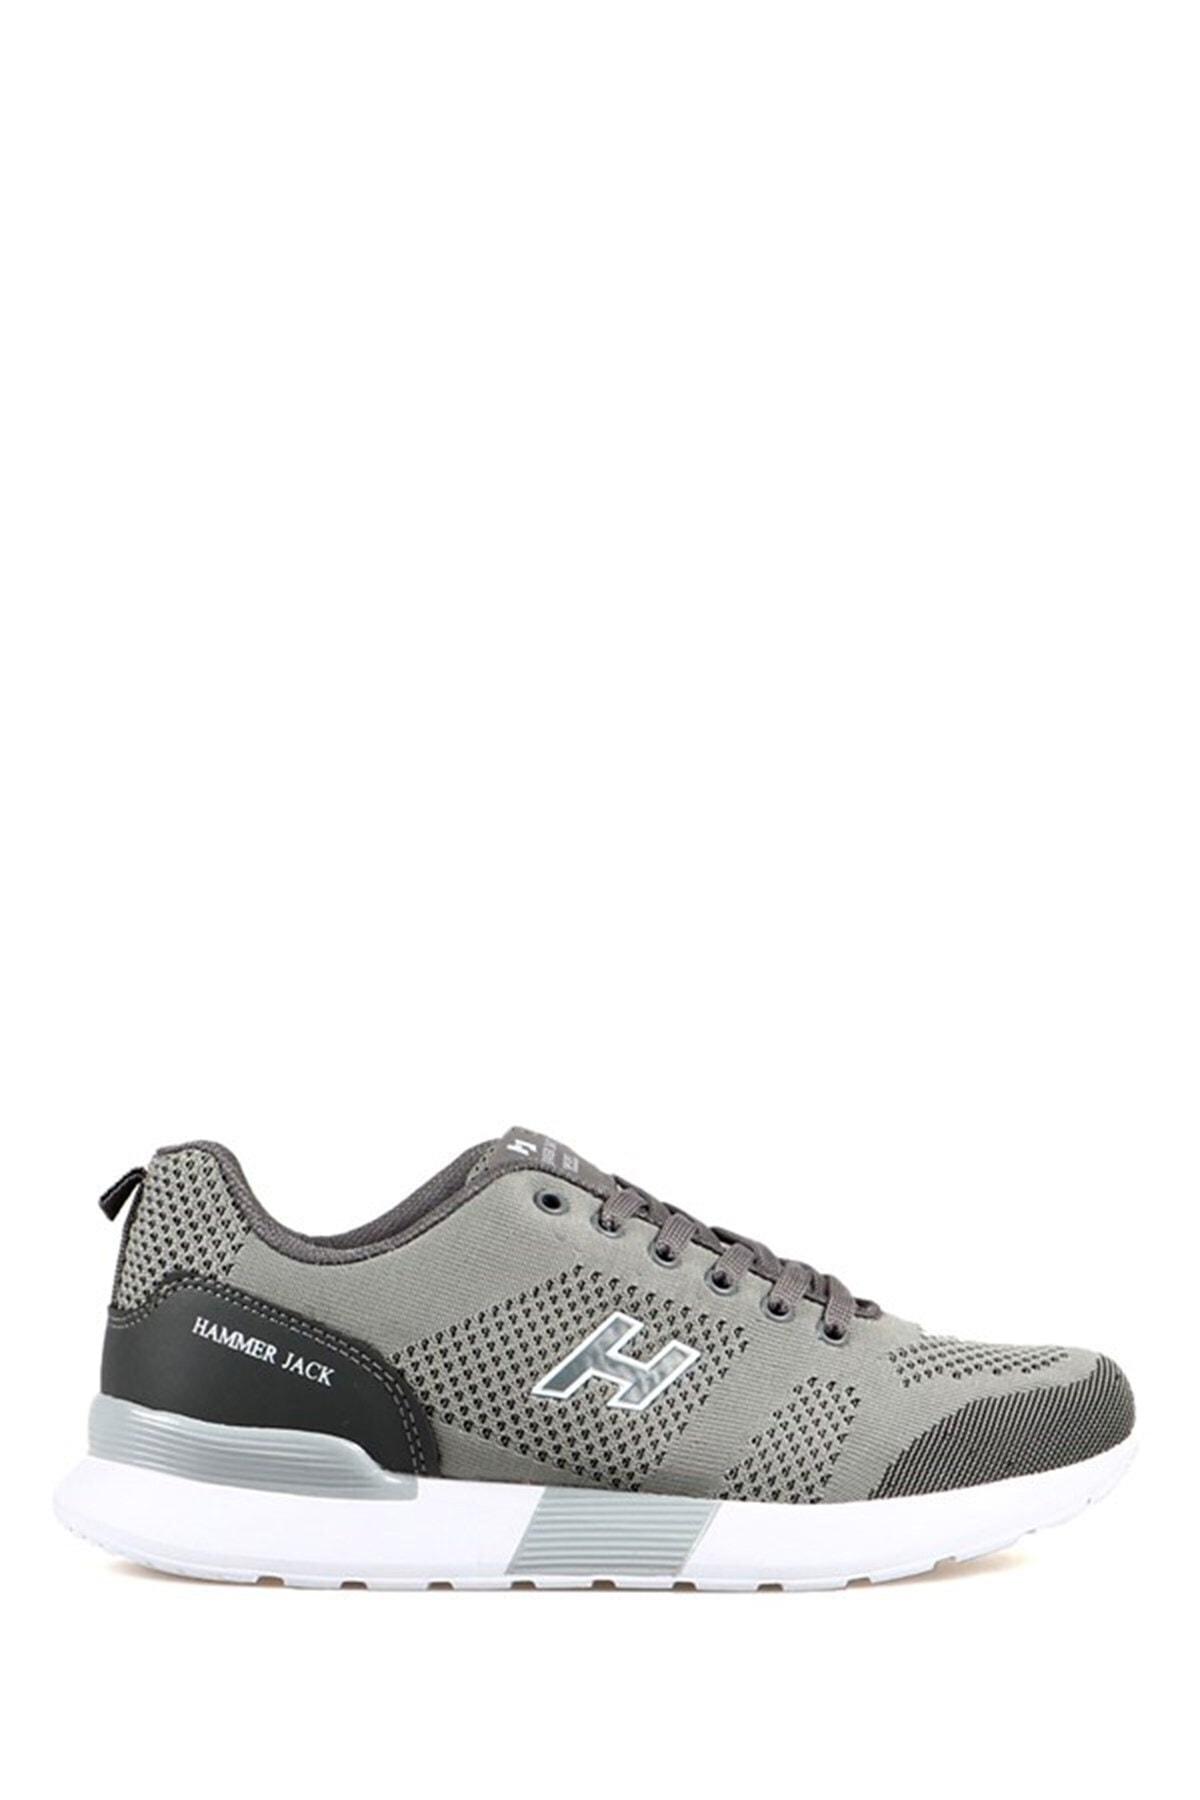 Hammer Jack Nenddor Unısex Spor Ayakkabı Füme 1